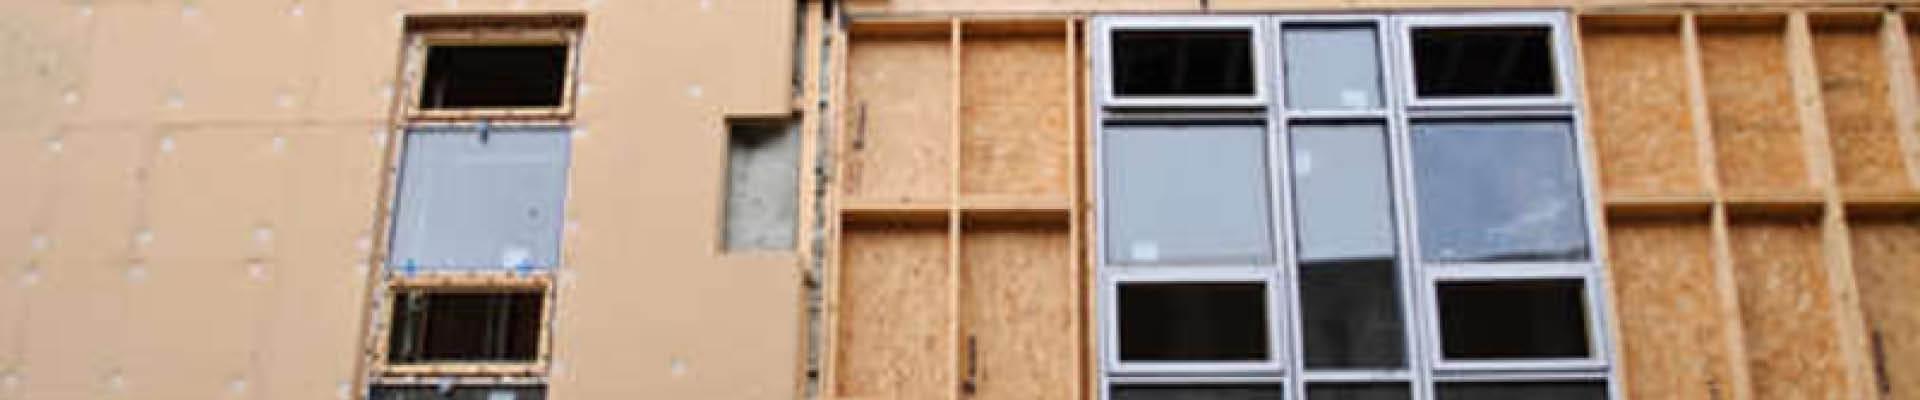 circulair bouwen en isoleren met houtafval